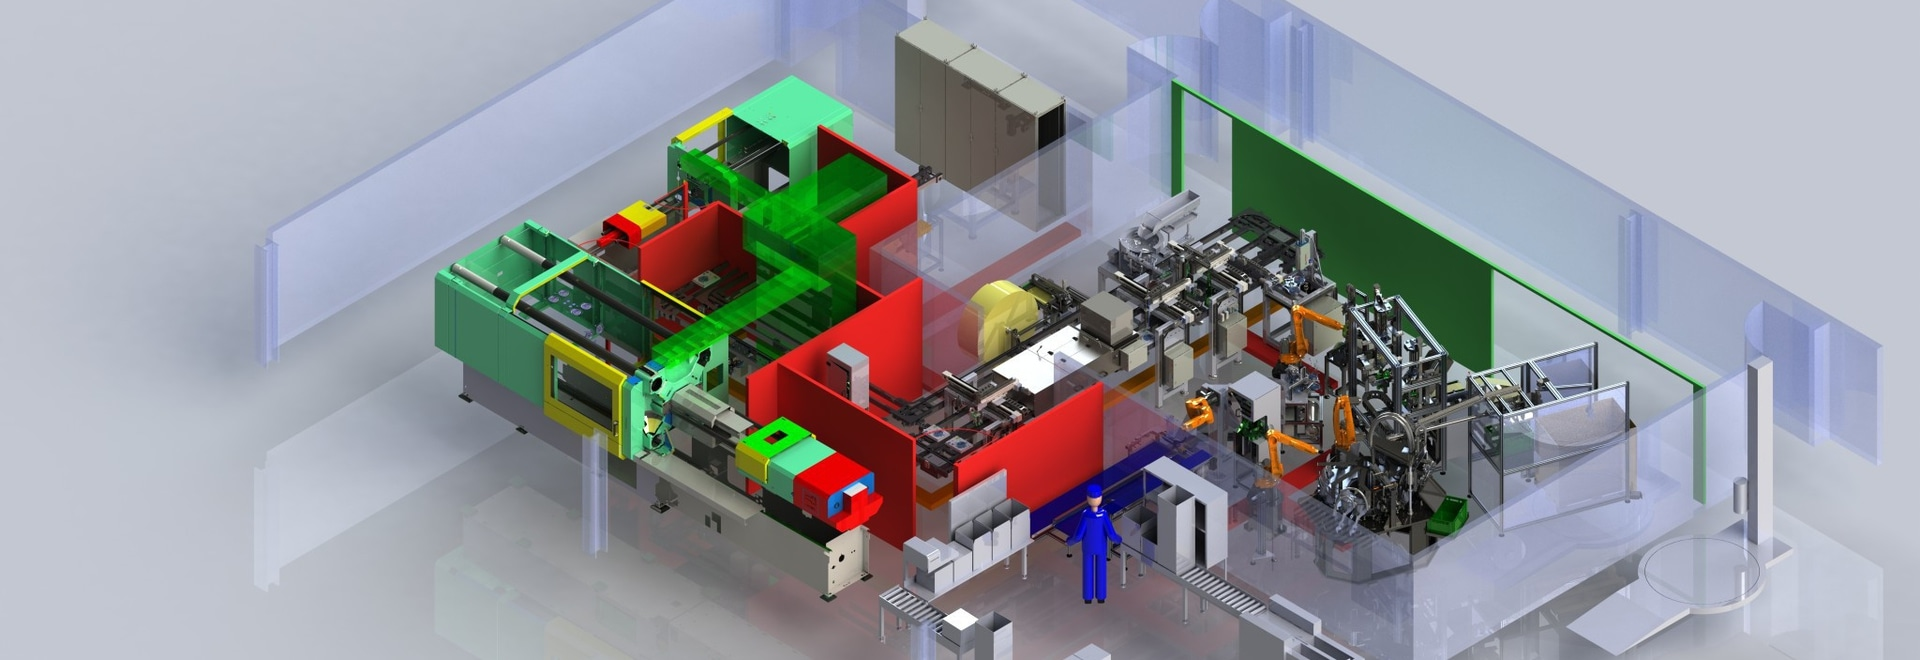 robomotion compte sur l'expertise de MISUMI en matière de composants pour optimiser ses processus de fabrication